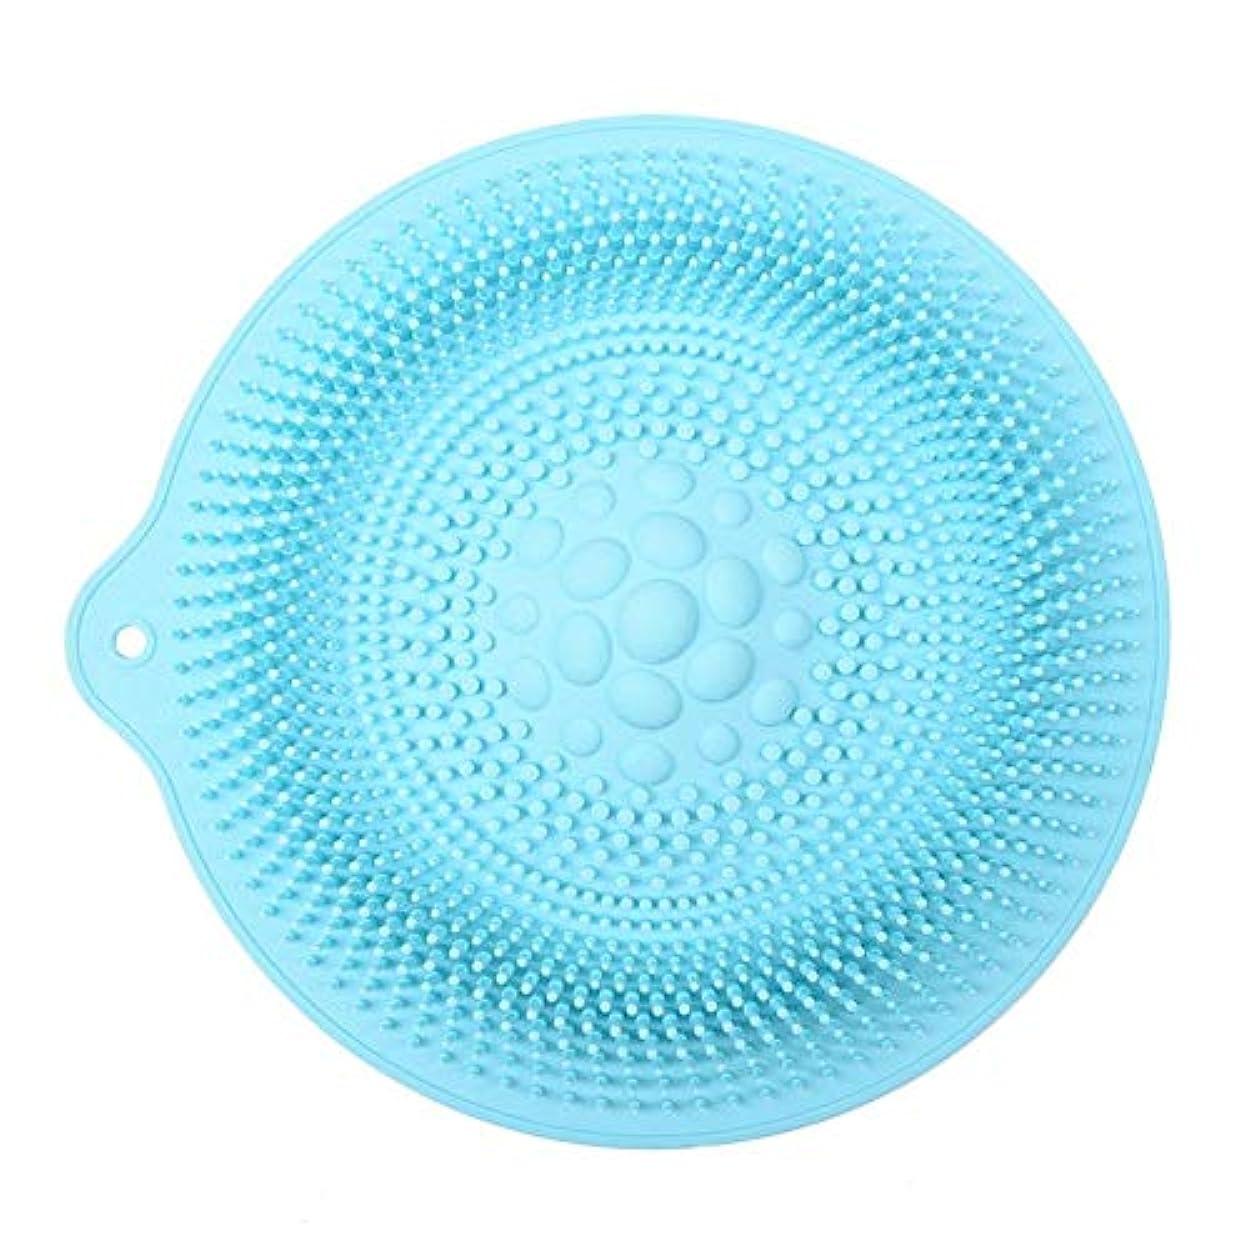 やさしく依存するテクトニック足洗いマット 安全 非毒性 無臭 多機能 グレート 使いやすい フットケア ボディブラシ マッサージシート お風呂用 32cm